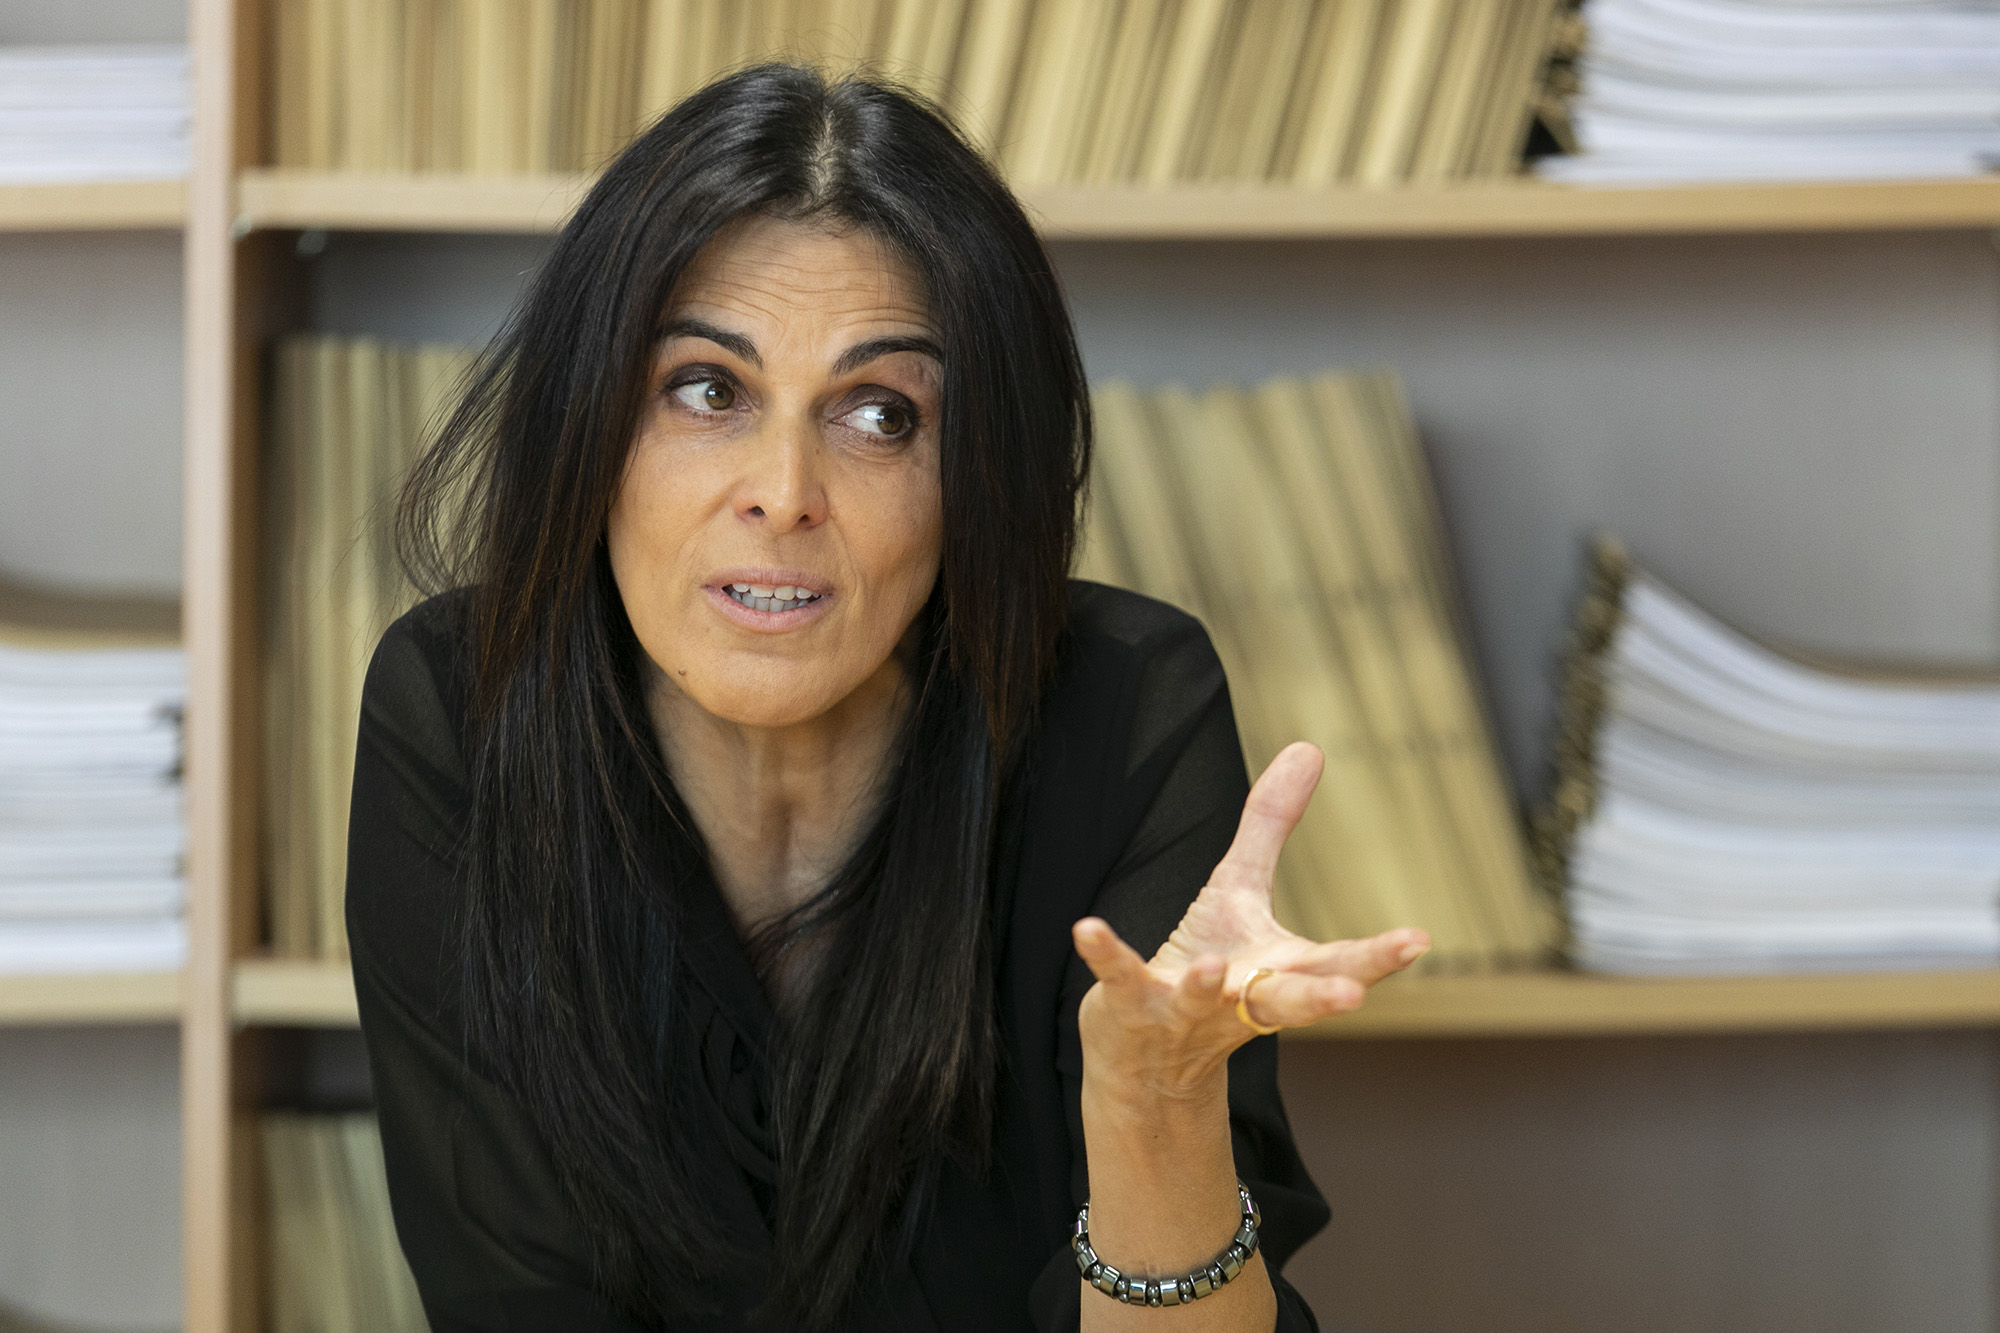 Rute Santos, diretora do Cimpas, em entrevista ao ECOSeguros - 17JUL19